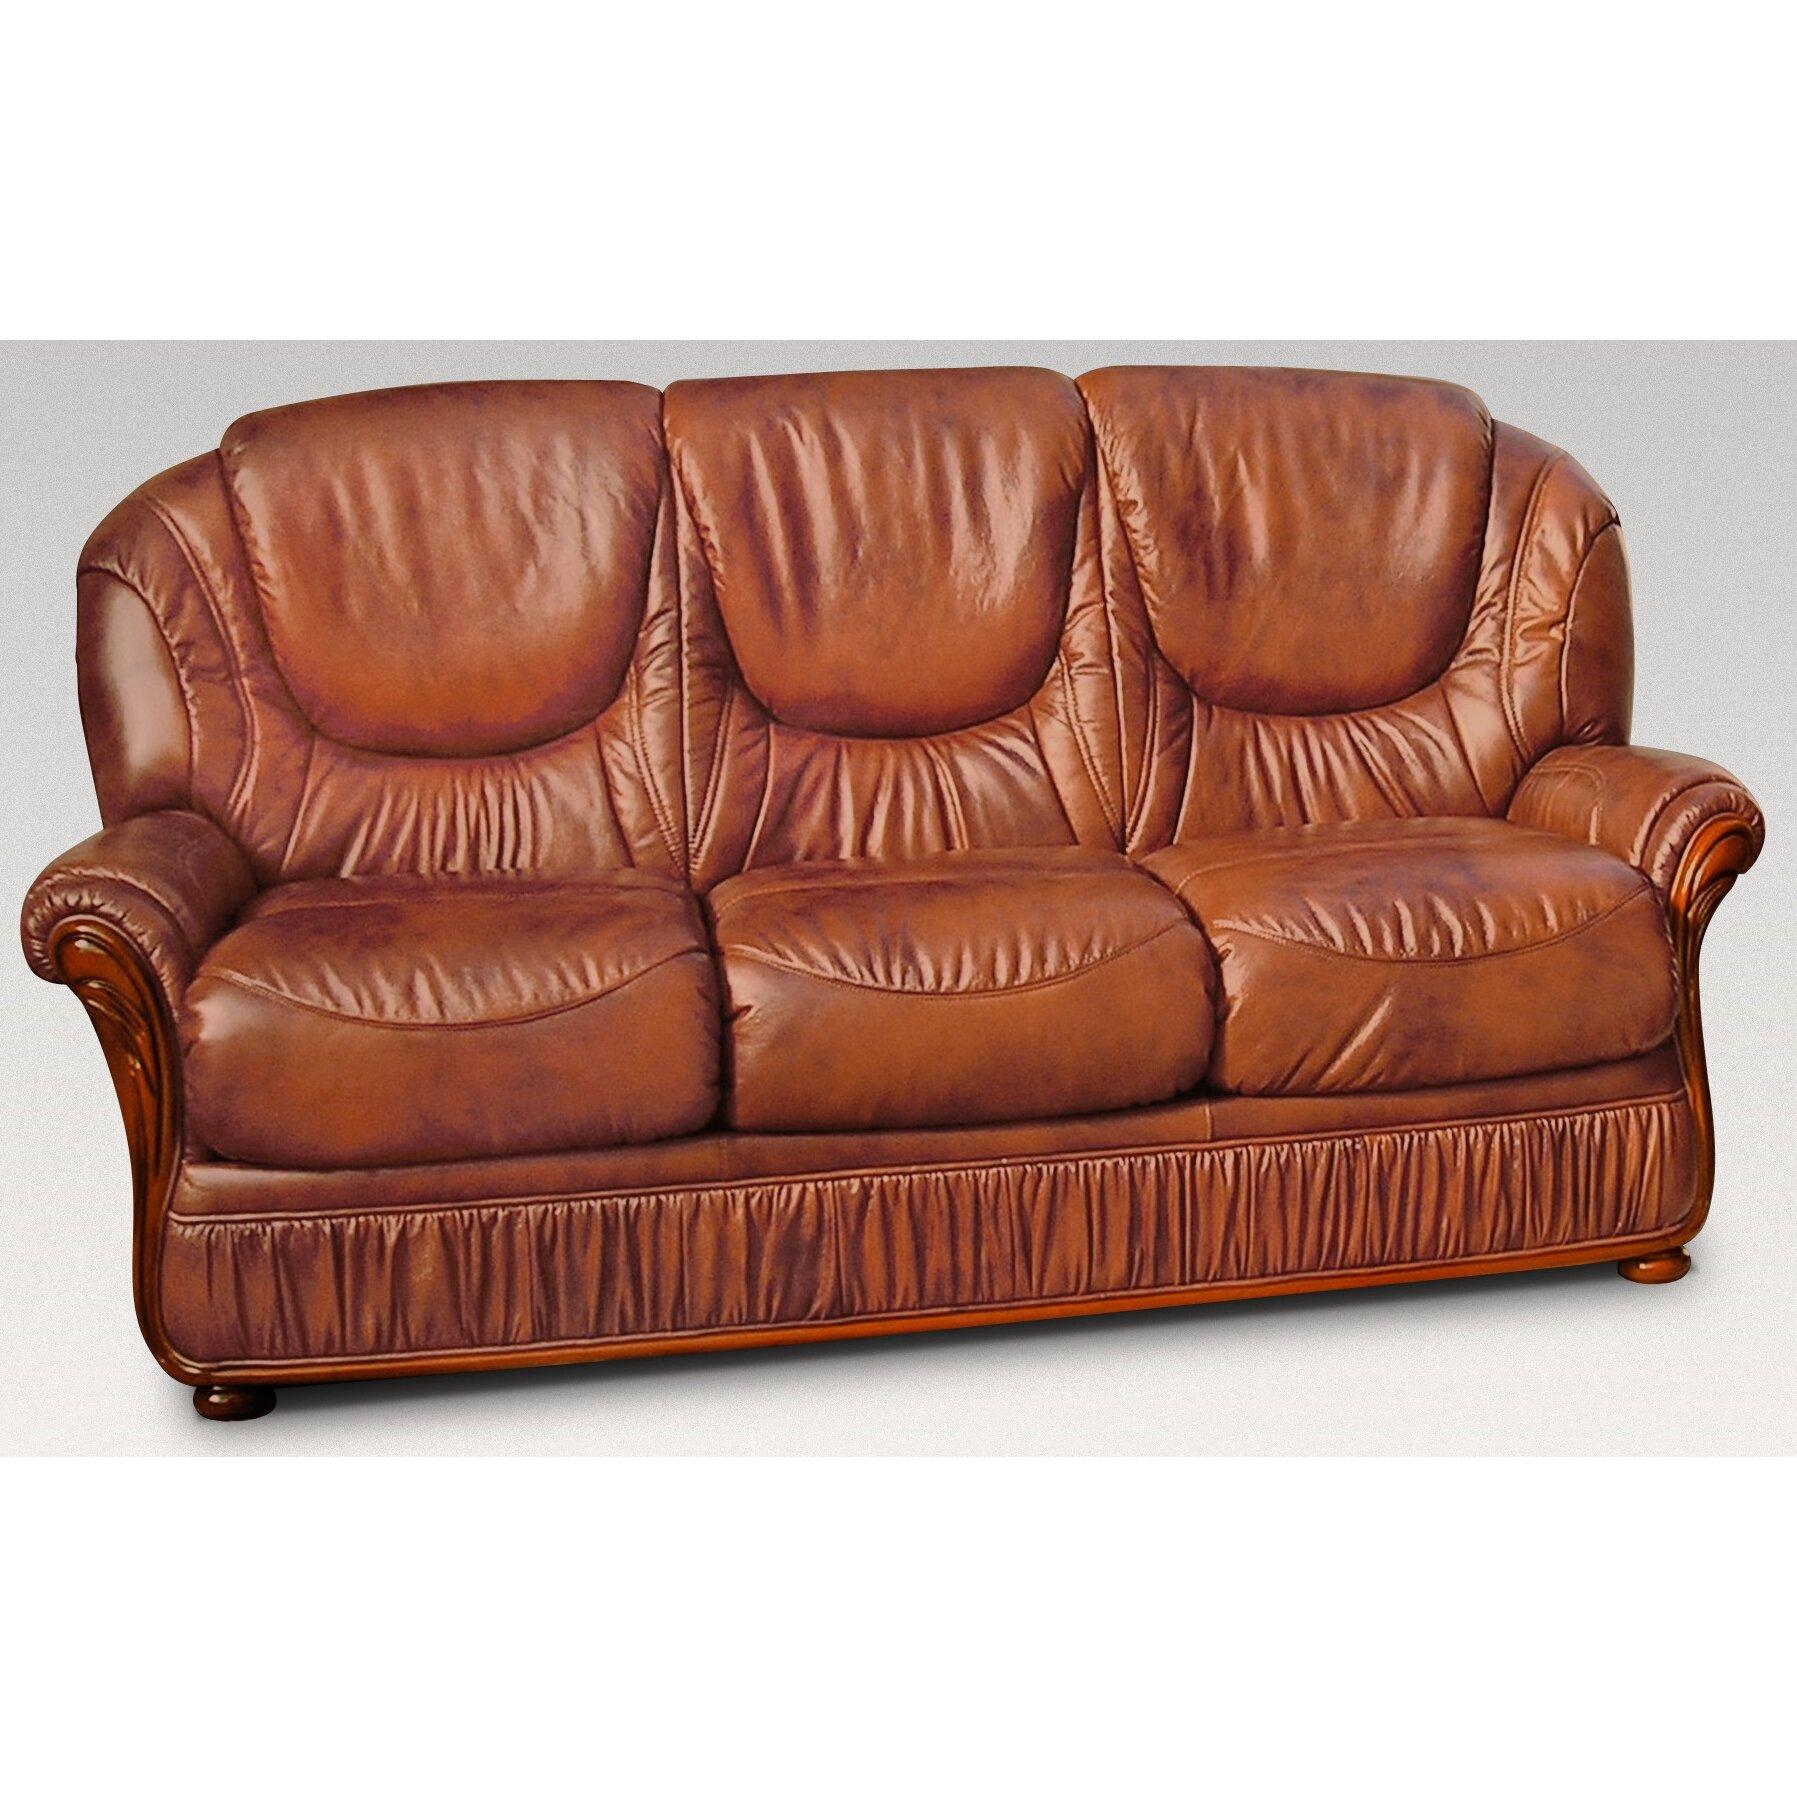 Maxi Comfort Collection Florida Sofa Set